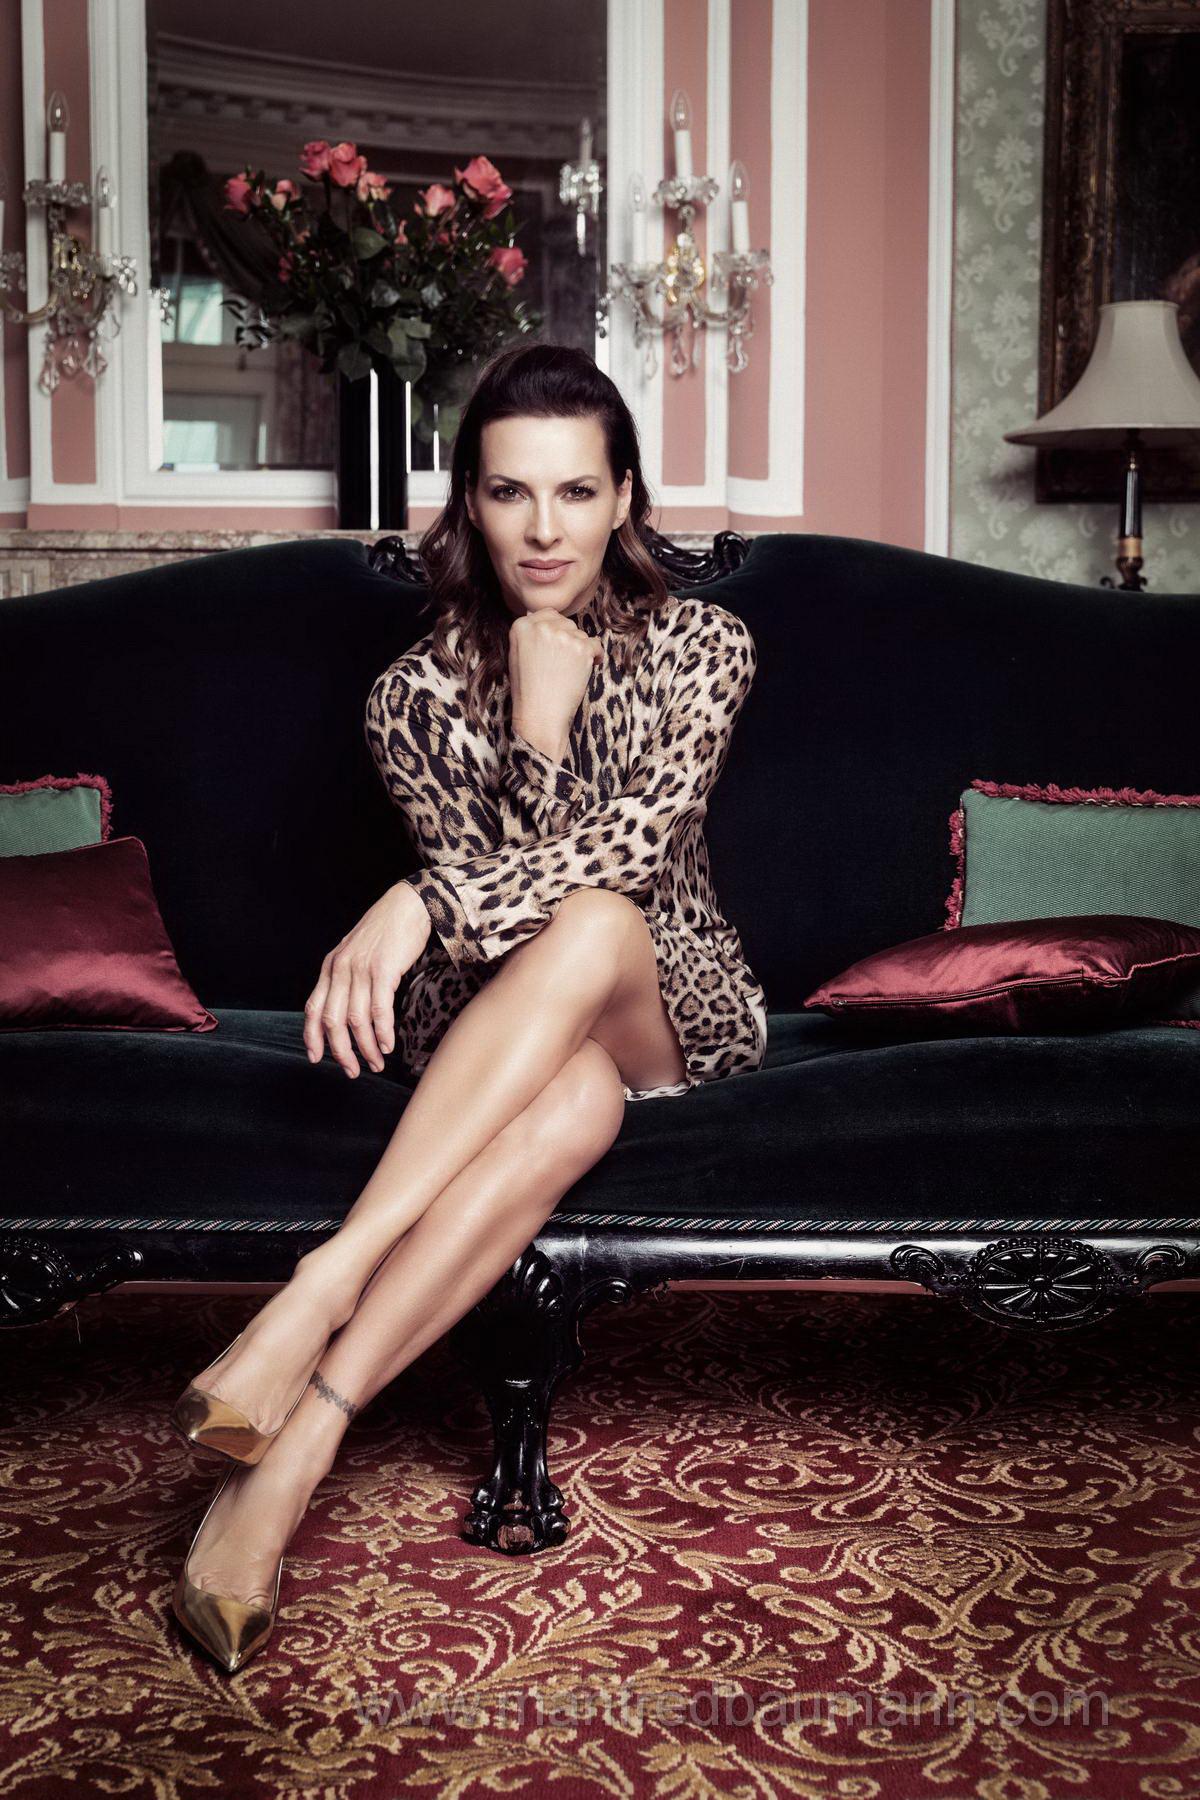 Sabine Petzl - Austrian actress & tv presenter on Behance